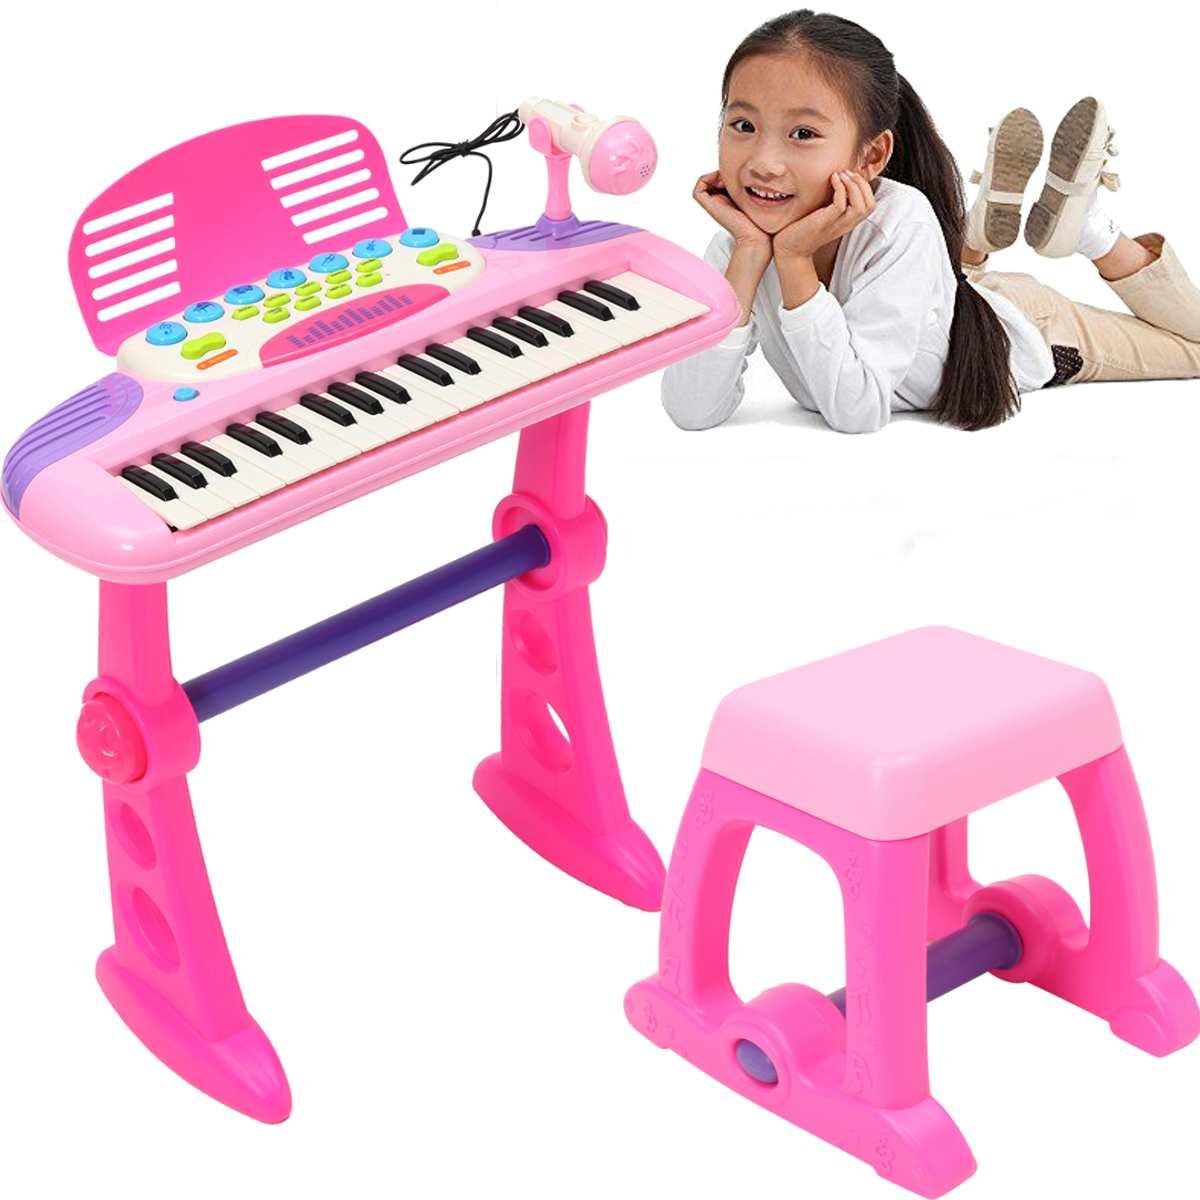 Rose 37 clés enfants clavier électronique Piano orgue jouet Microphone musique jouer enfants jouet éducatif cadeau pour enfants - 2